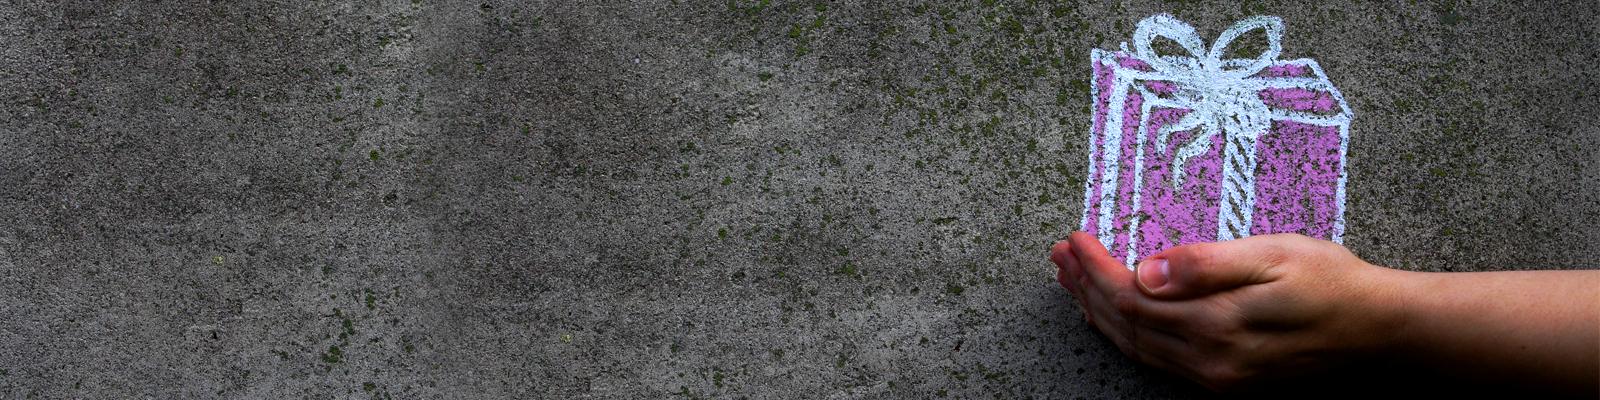 Eine Hand vor einer Wand, darauf ist mit Kreide ein Geschenkpäckchen gemalt